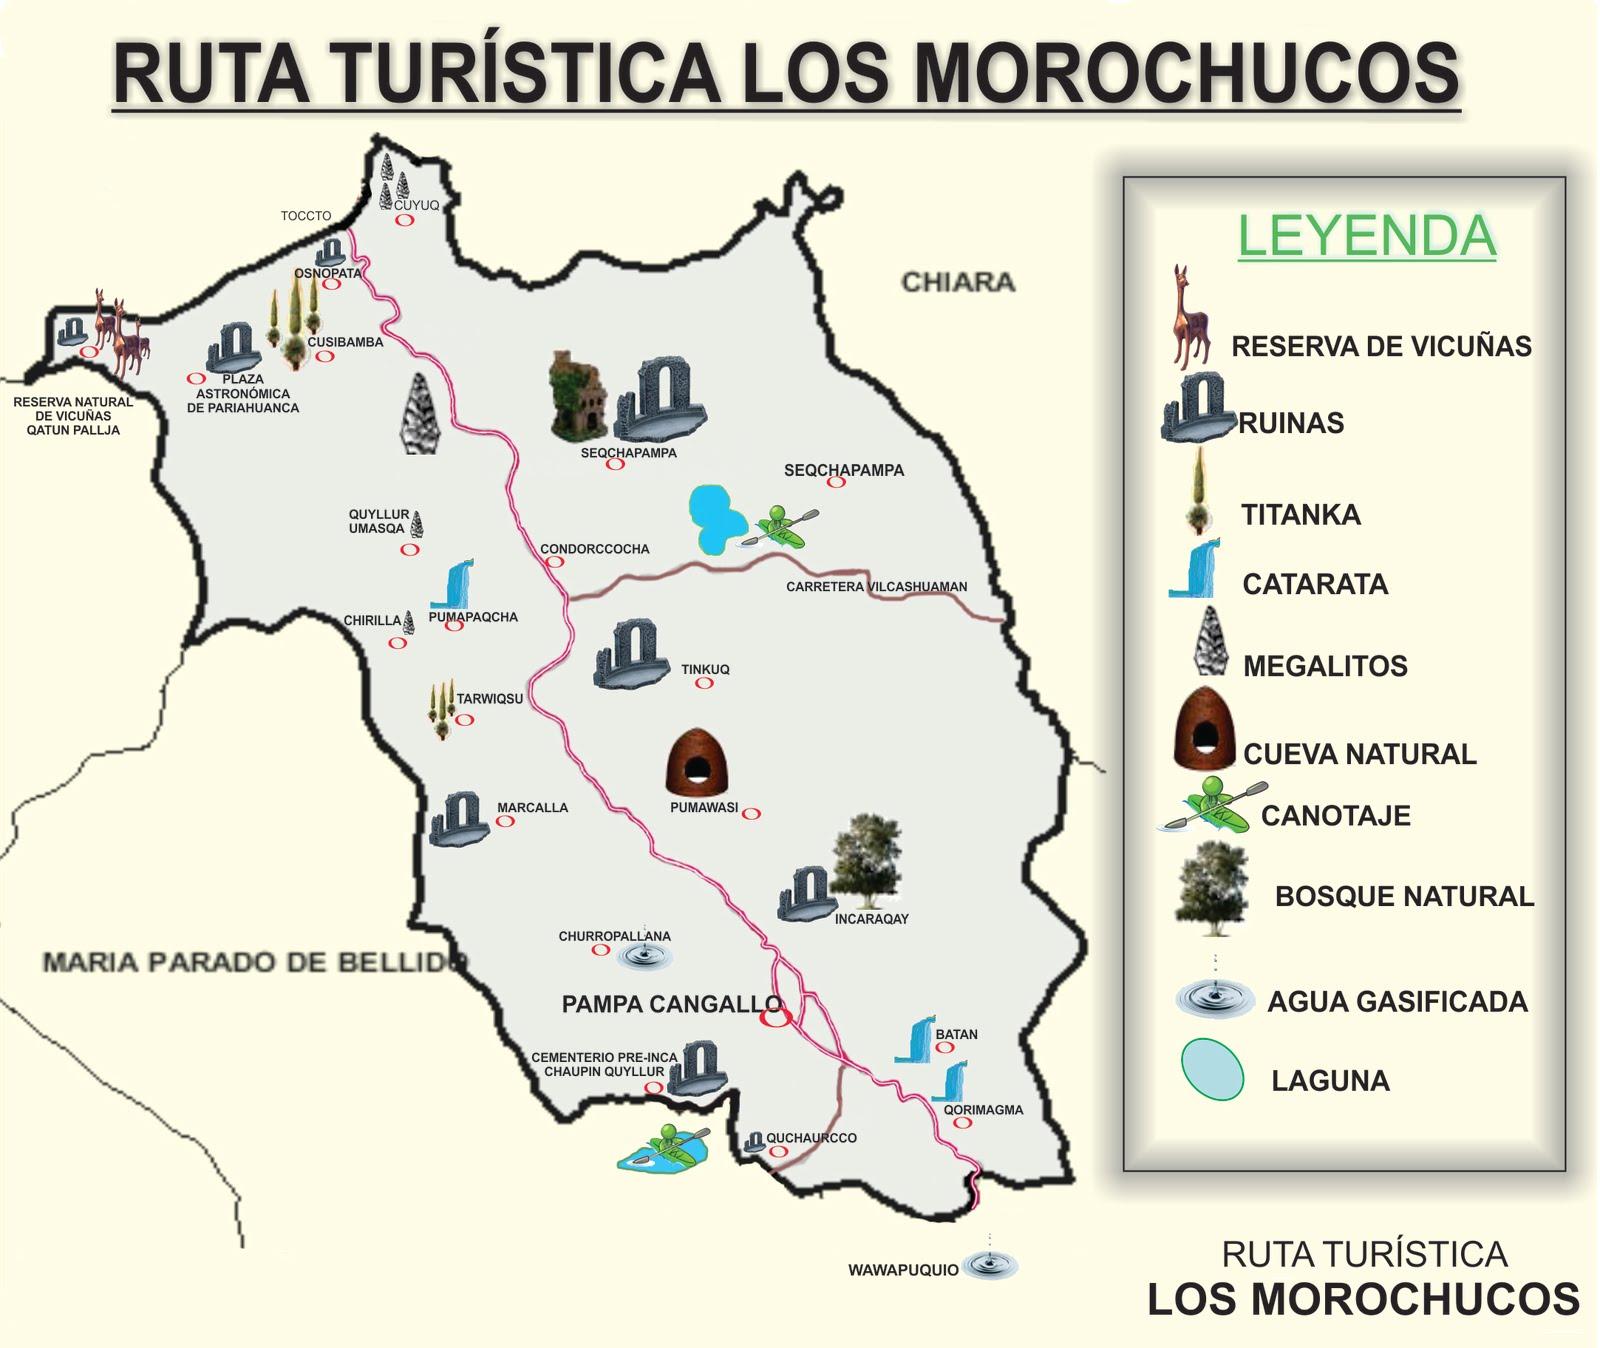 Circuito Turistico Ayacucho : Al otro lado de la luna circuito turistico morochucos